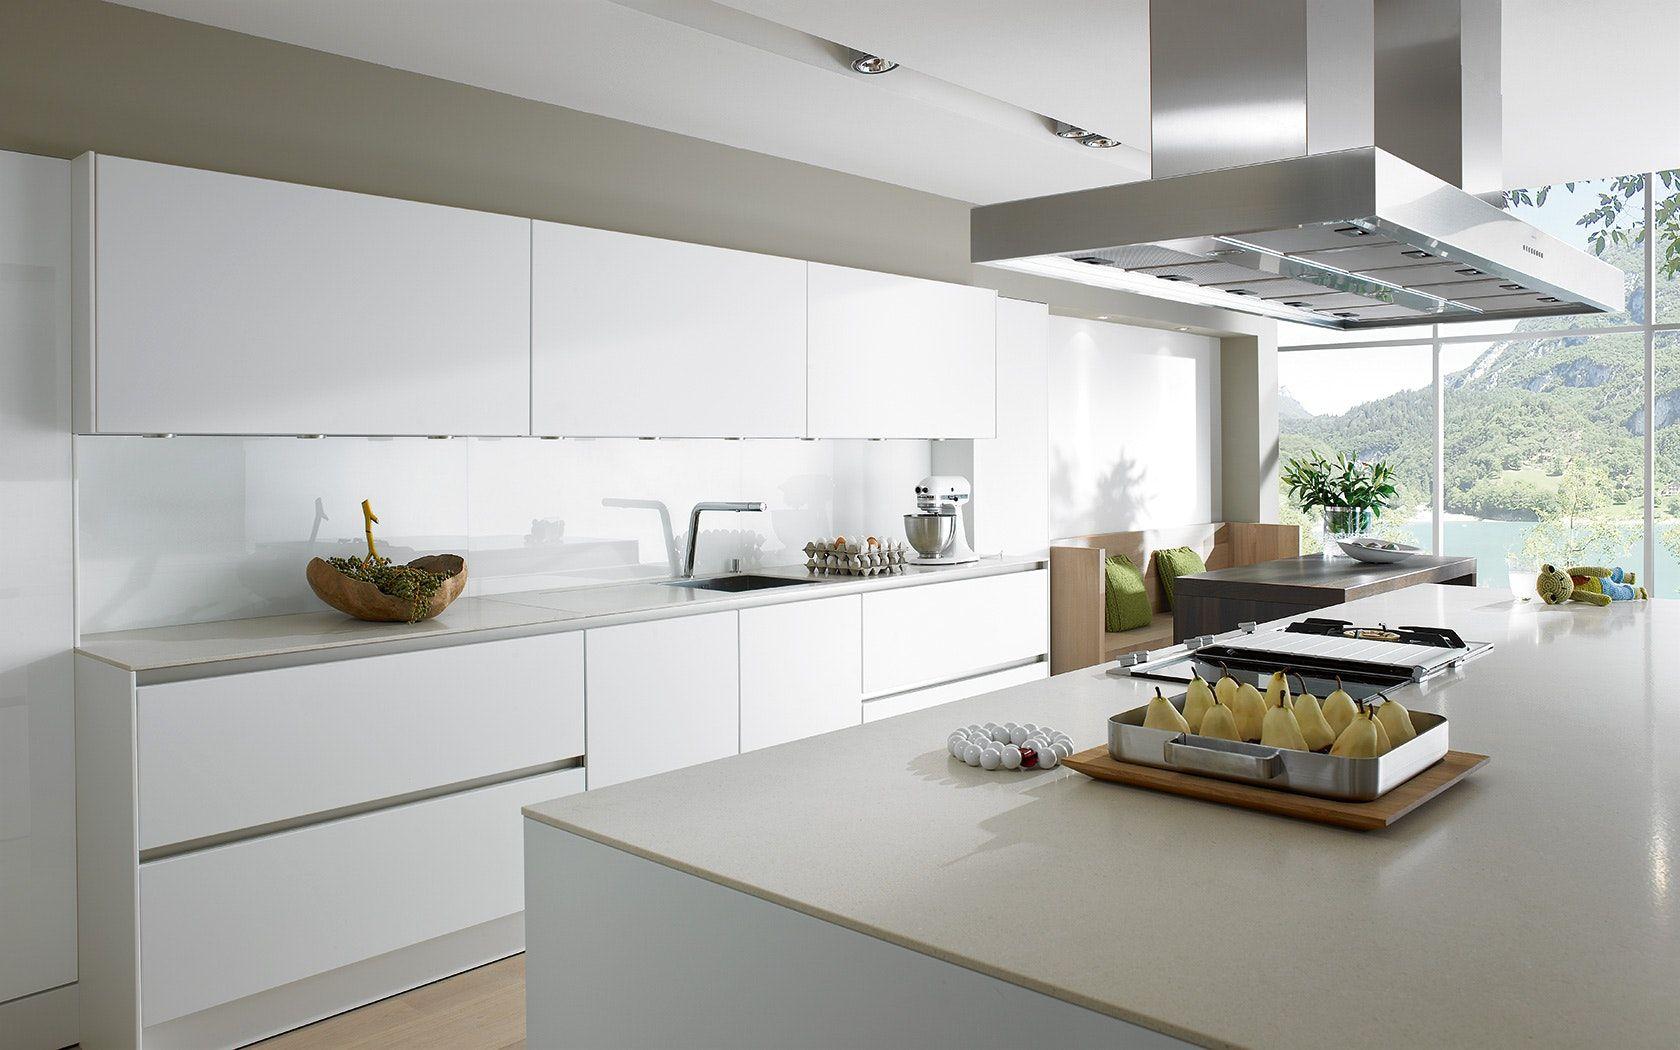 Dekoration Fur Wohnzimmer Bewildering Küche Ohne Griffe On ...